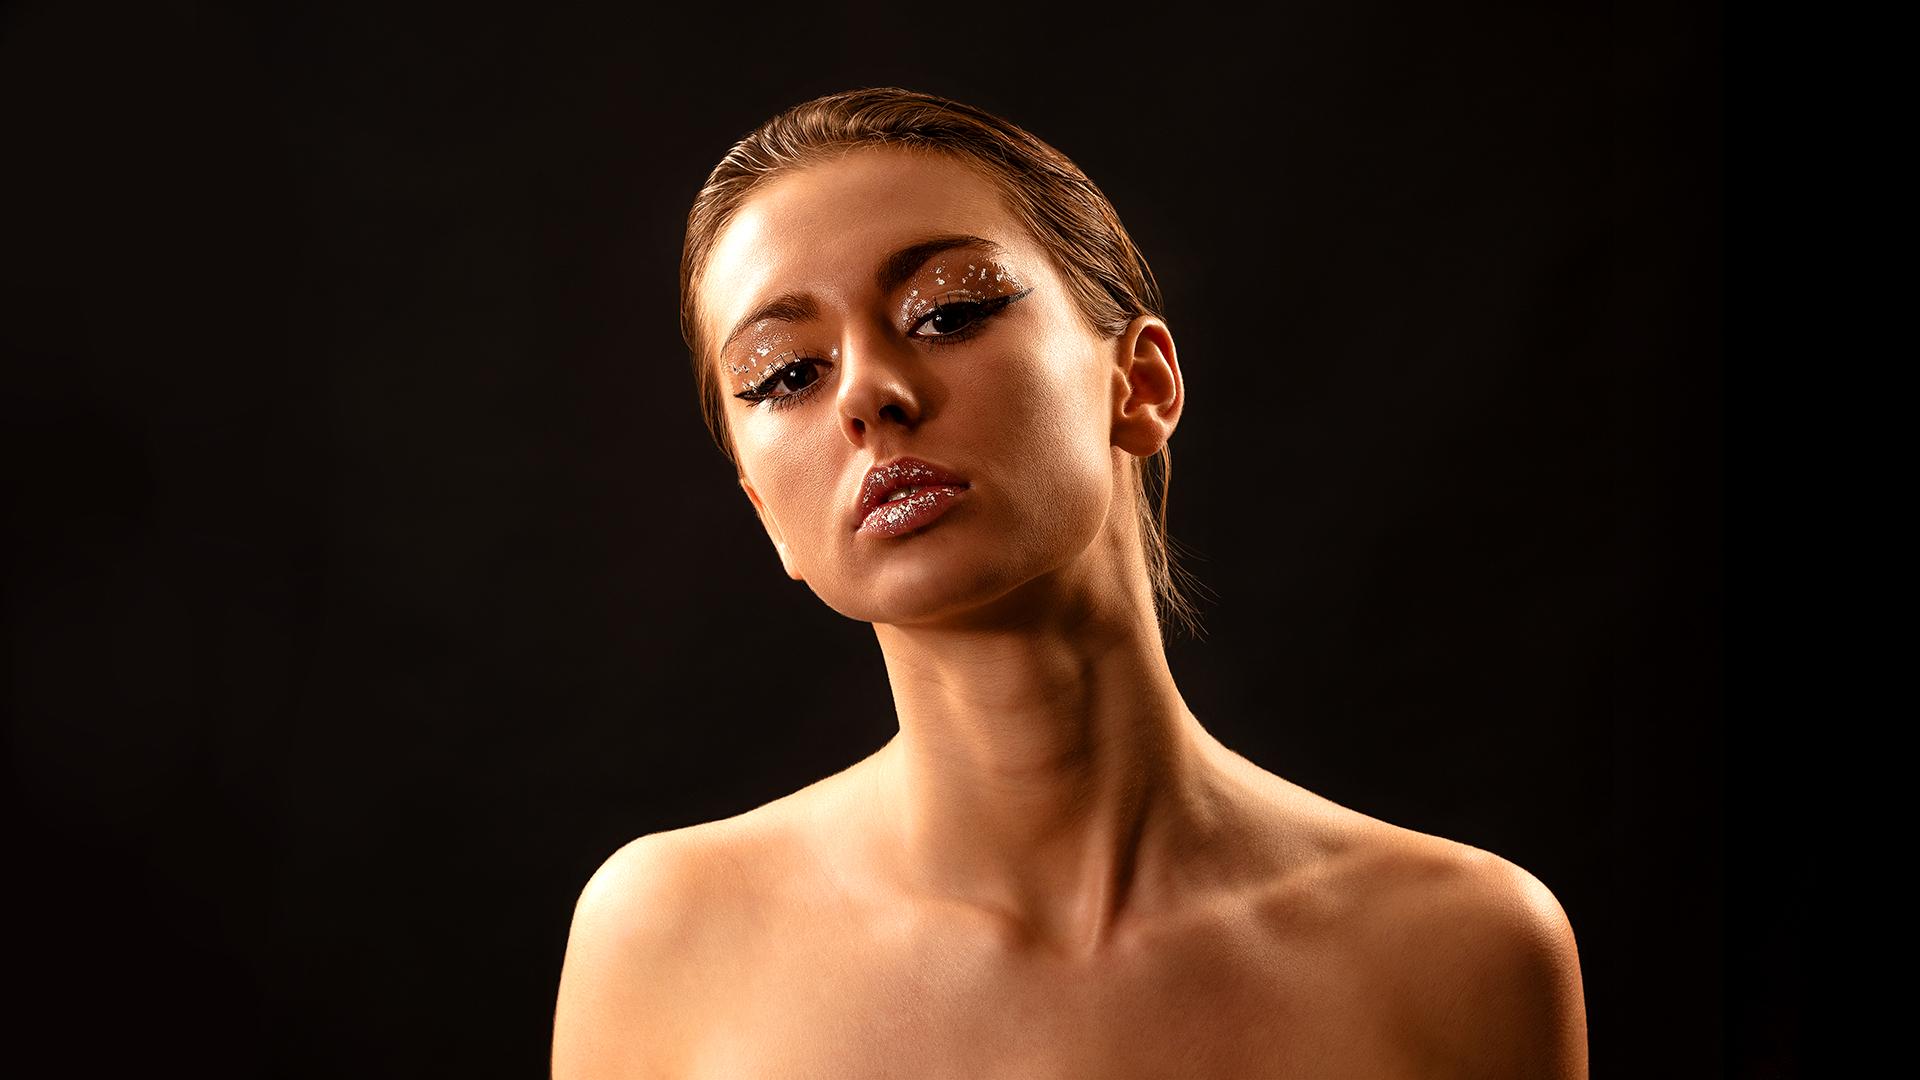 Modèle de femme sur fond noir avec un maquillage paillette, regardant l'objectif – photo portrait.